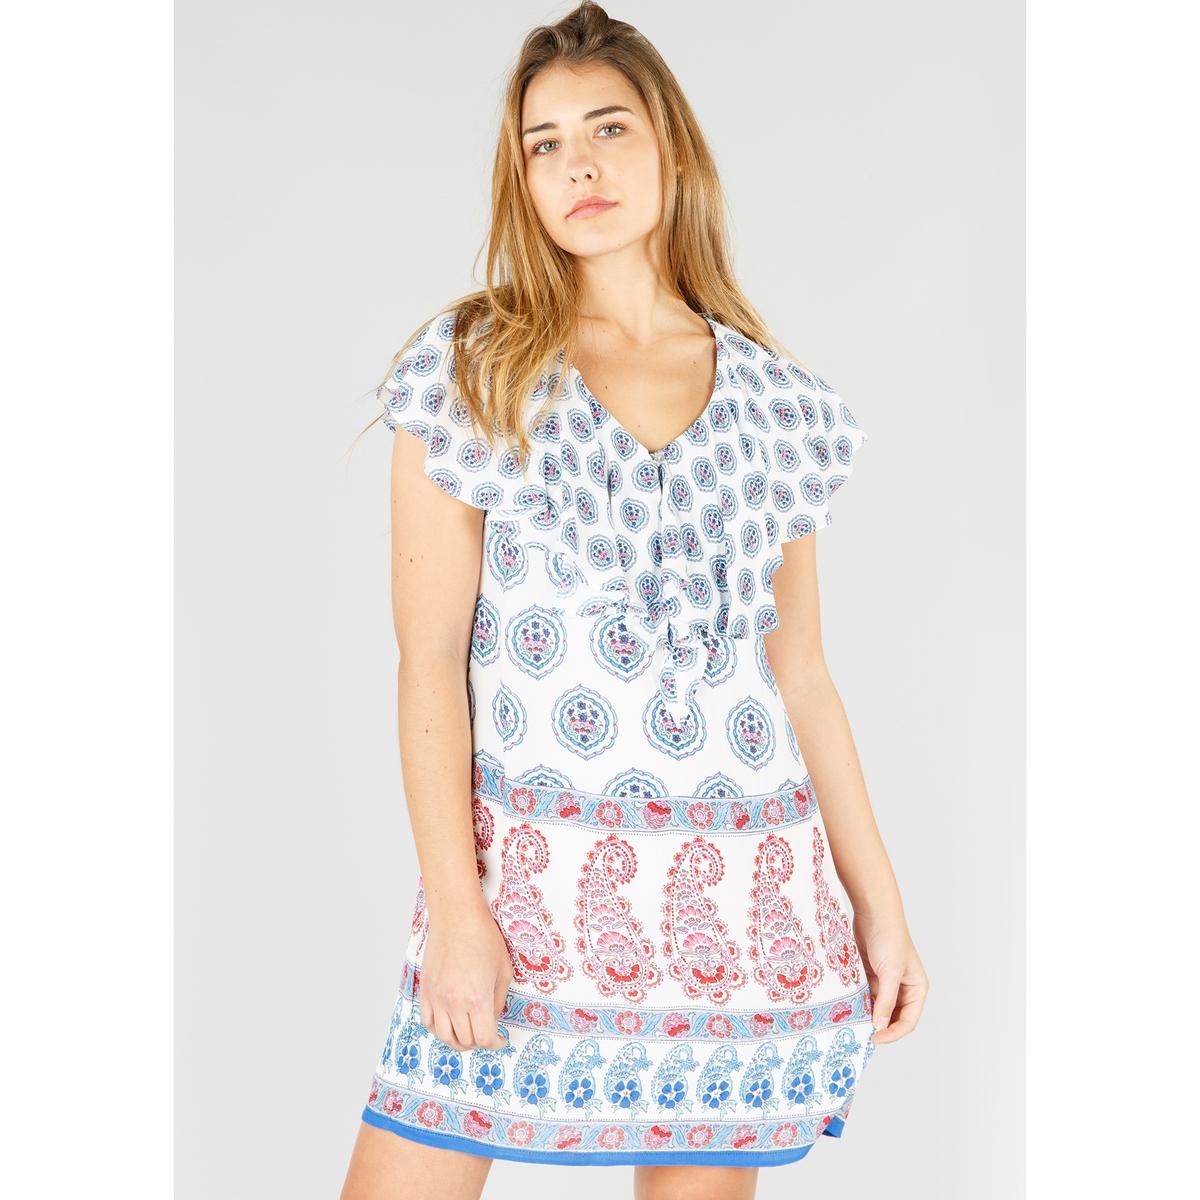 Платье короткое с кашемировым рисунком с короткими рукавами sensas 3000 method strawberry